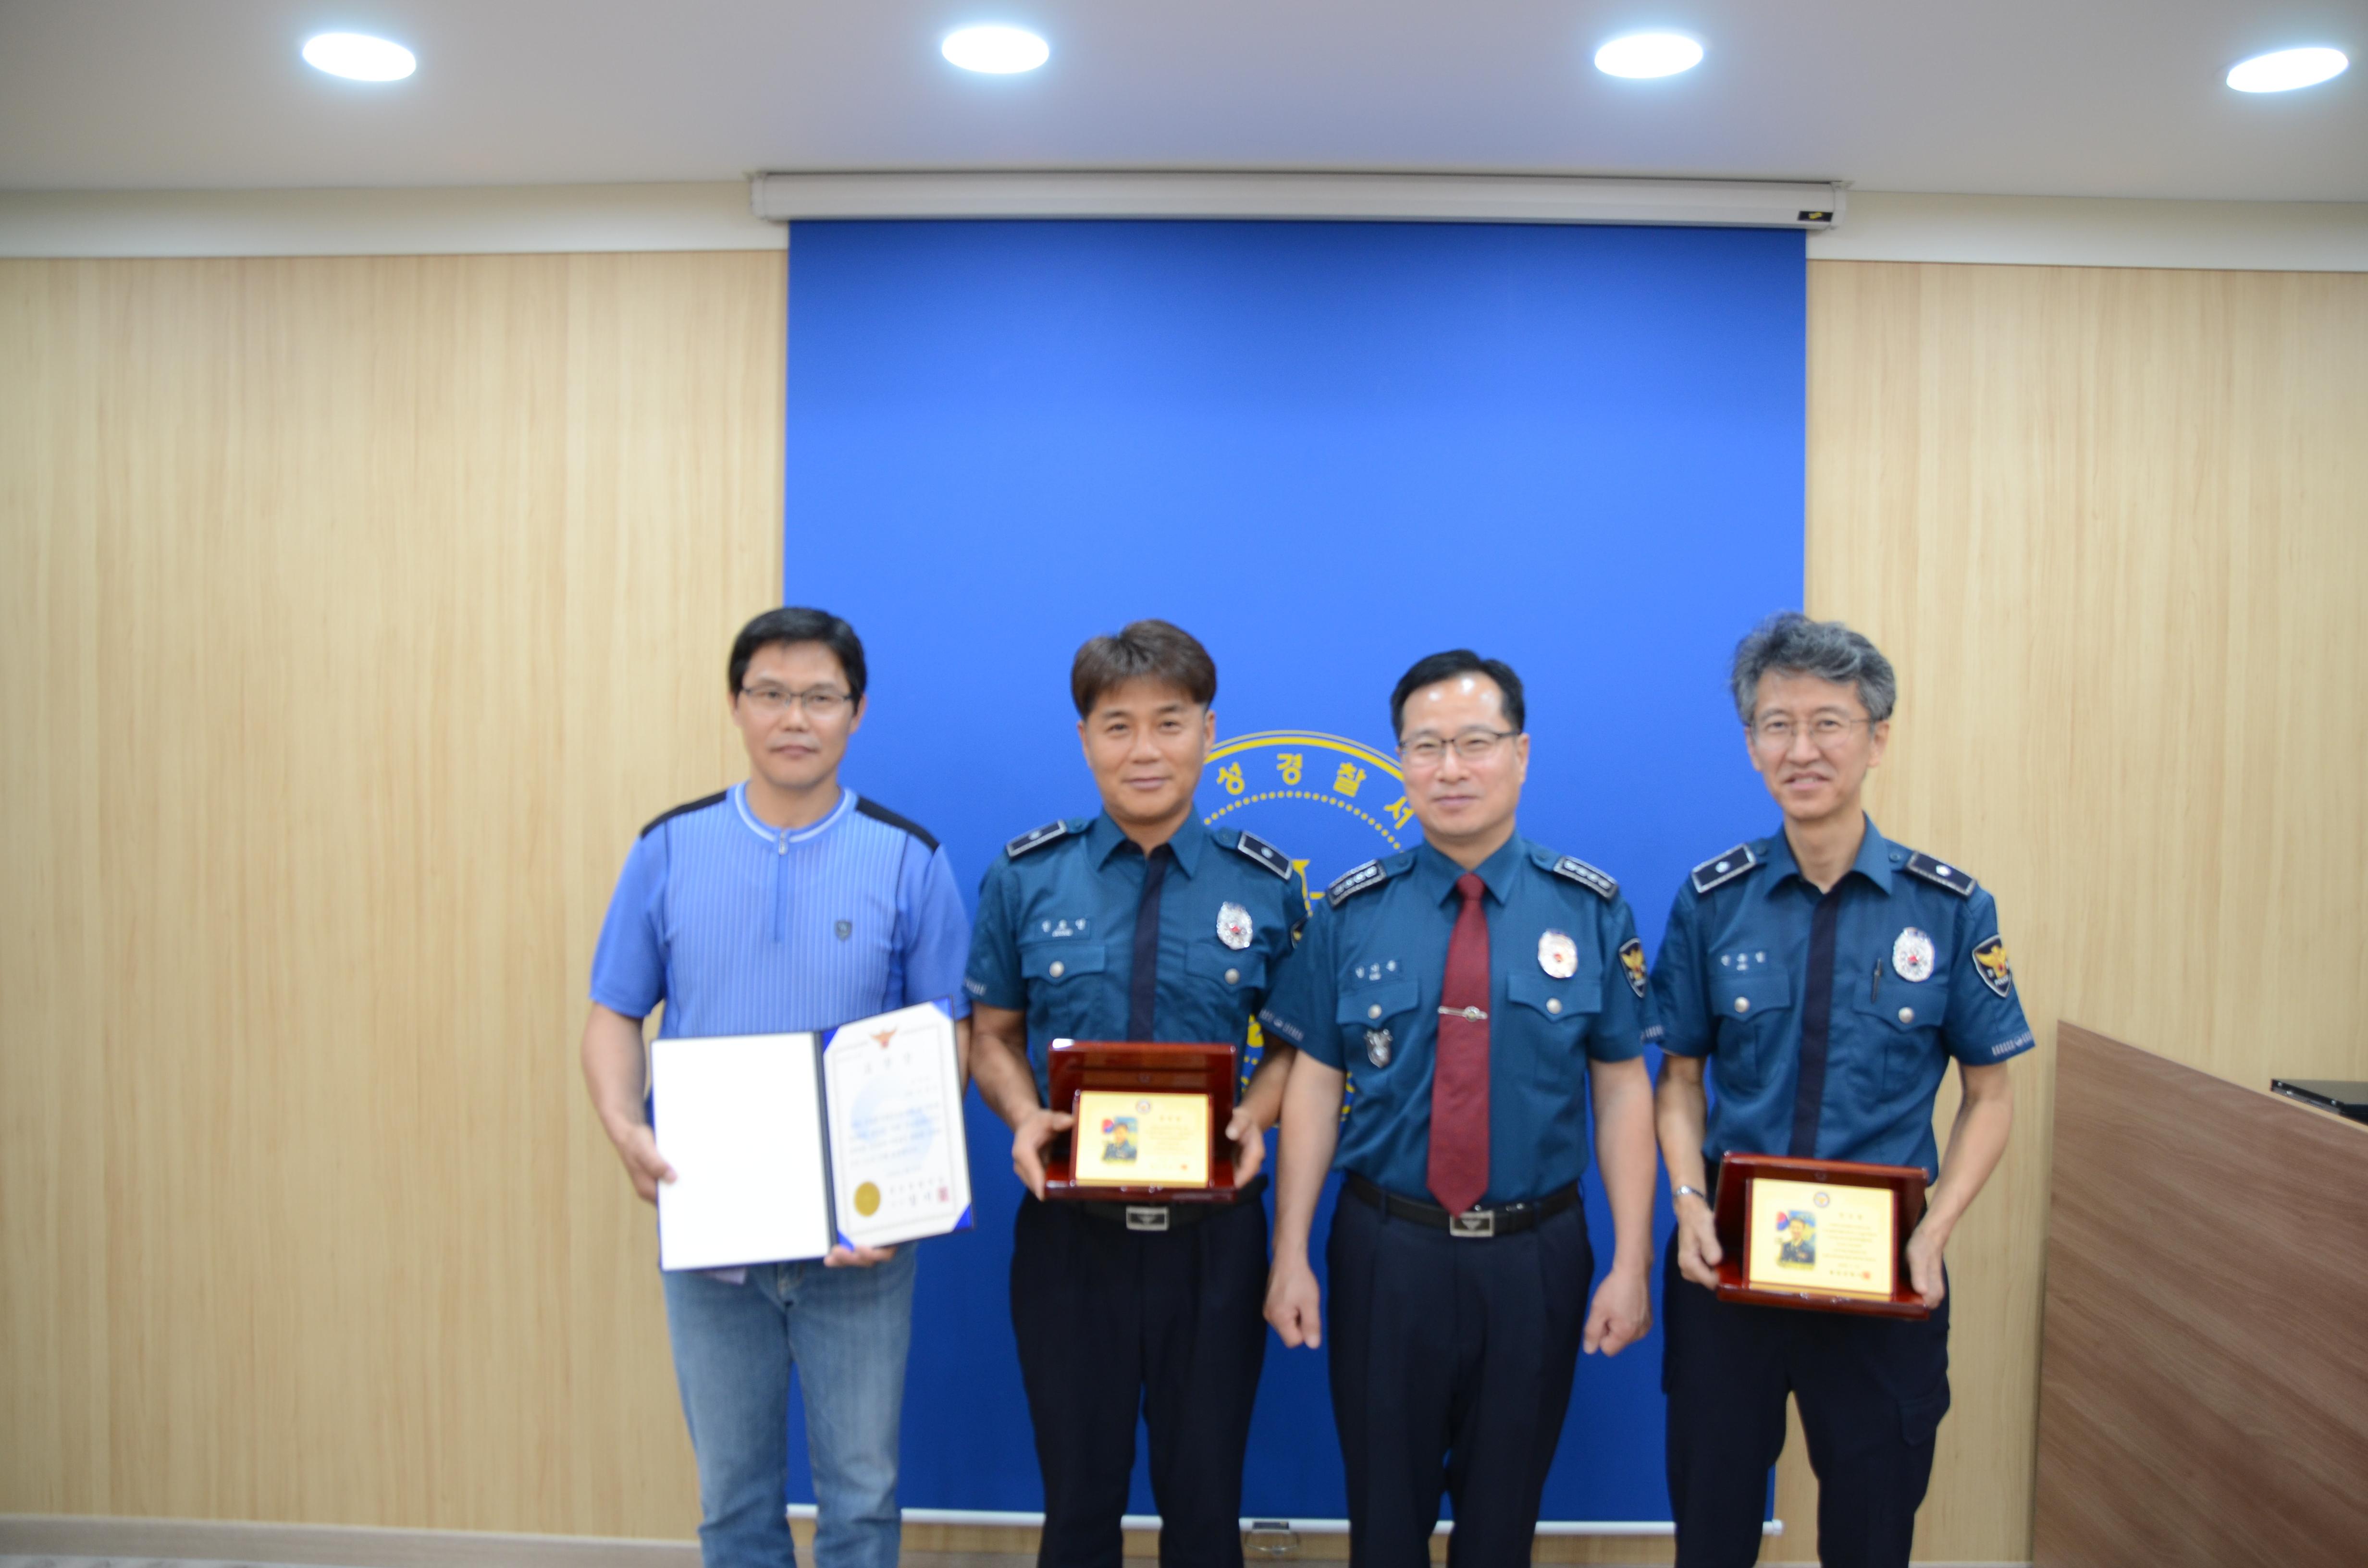 20.7.23 BEST 홍성경찰 선발 및 표창수여식